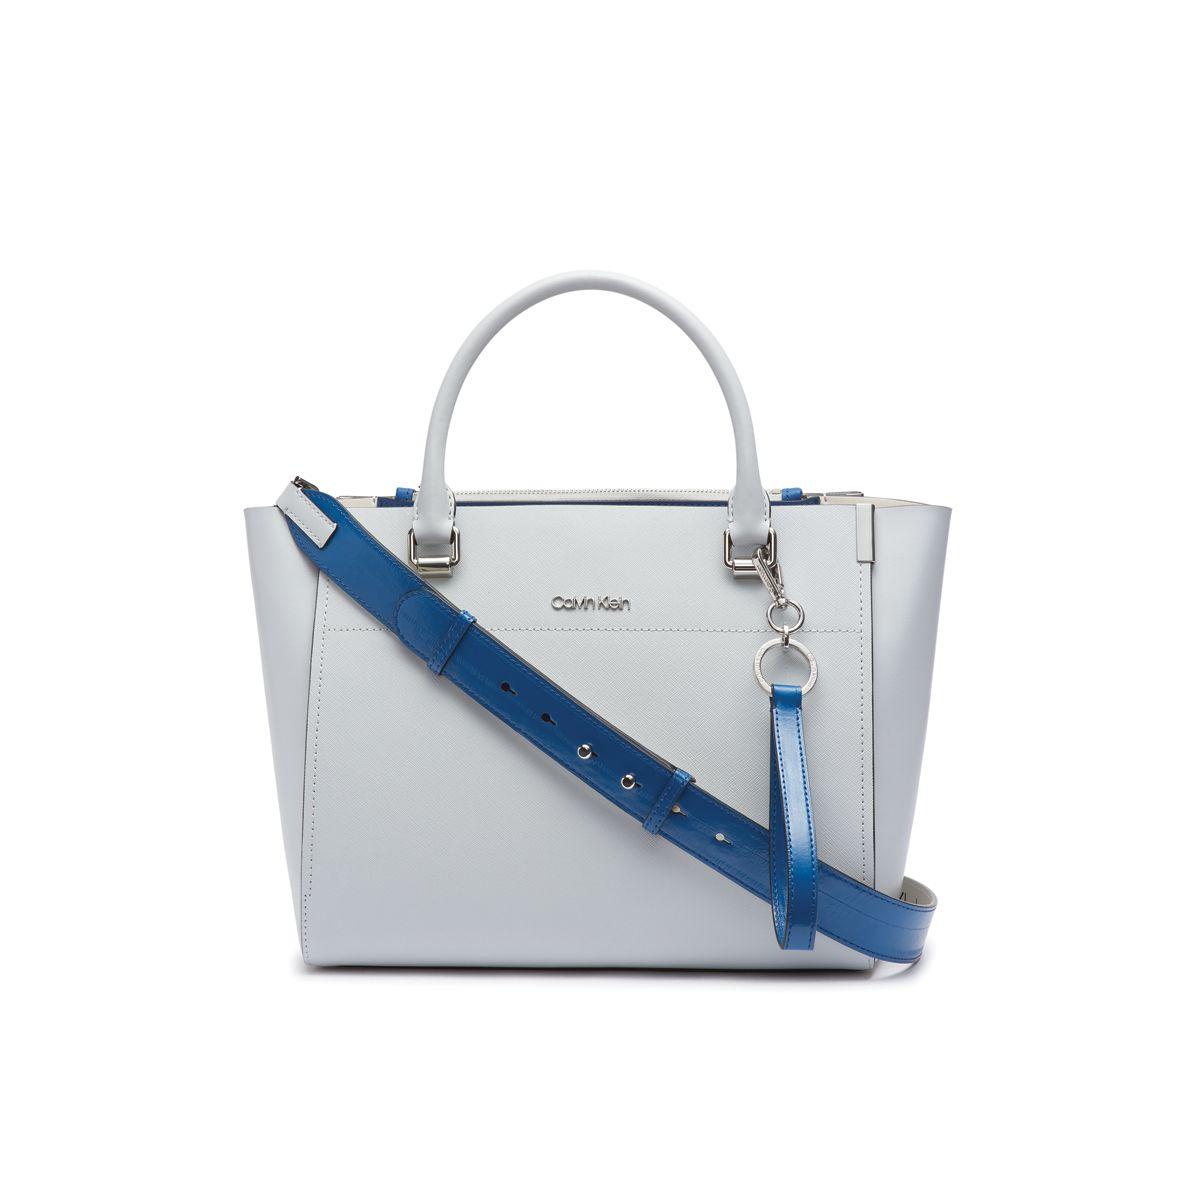 Leather Calvin Klein Handbags   Bags - Macy s b55e93b4f5b10